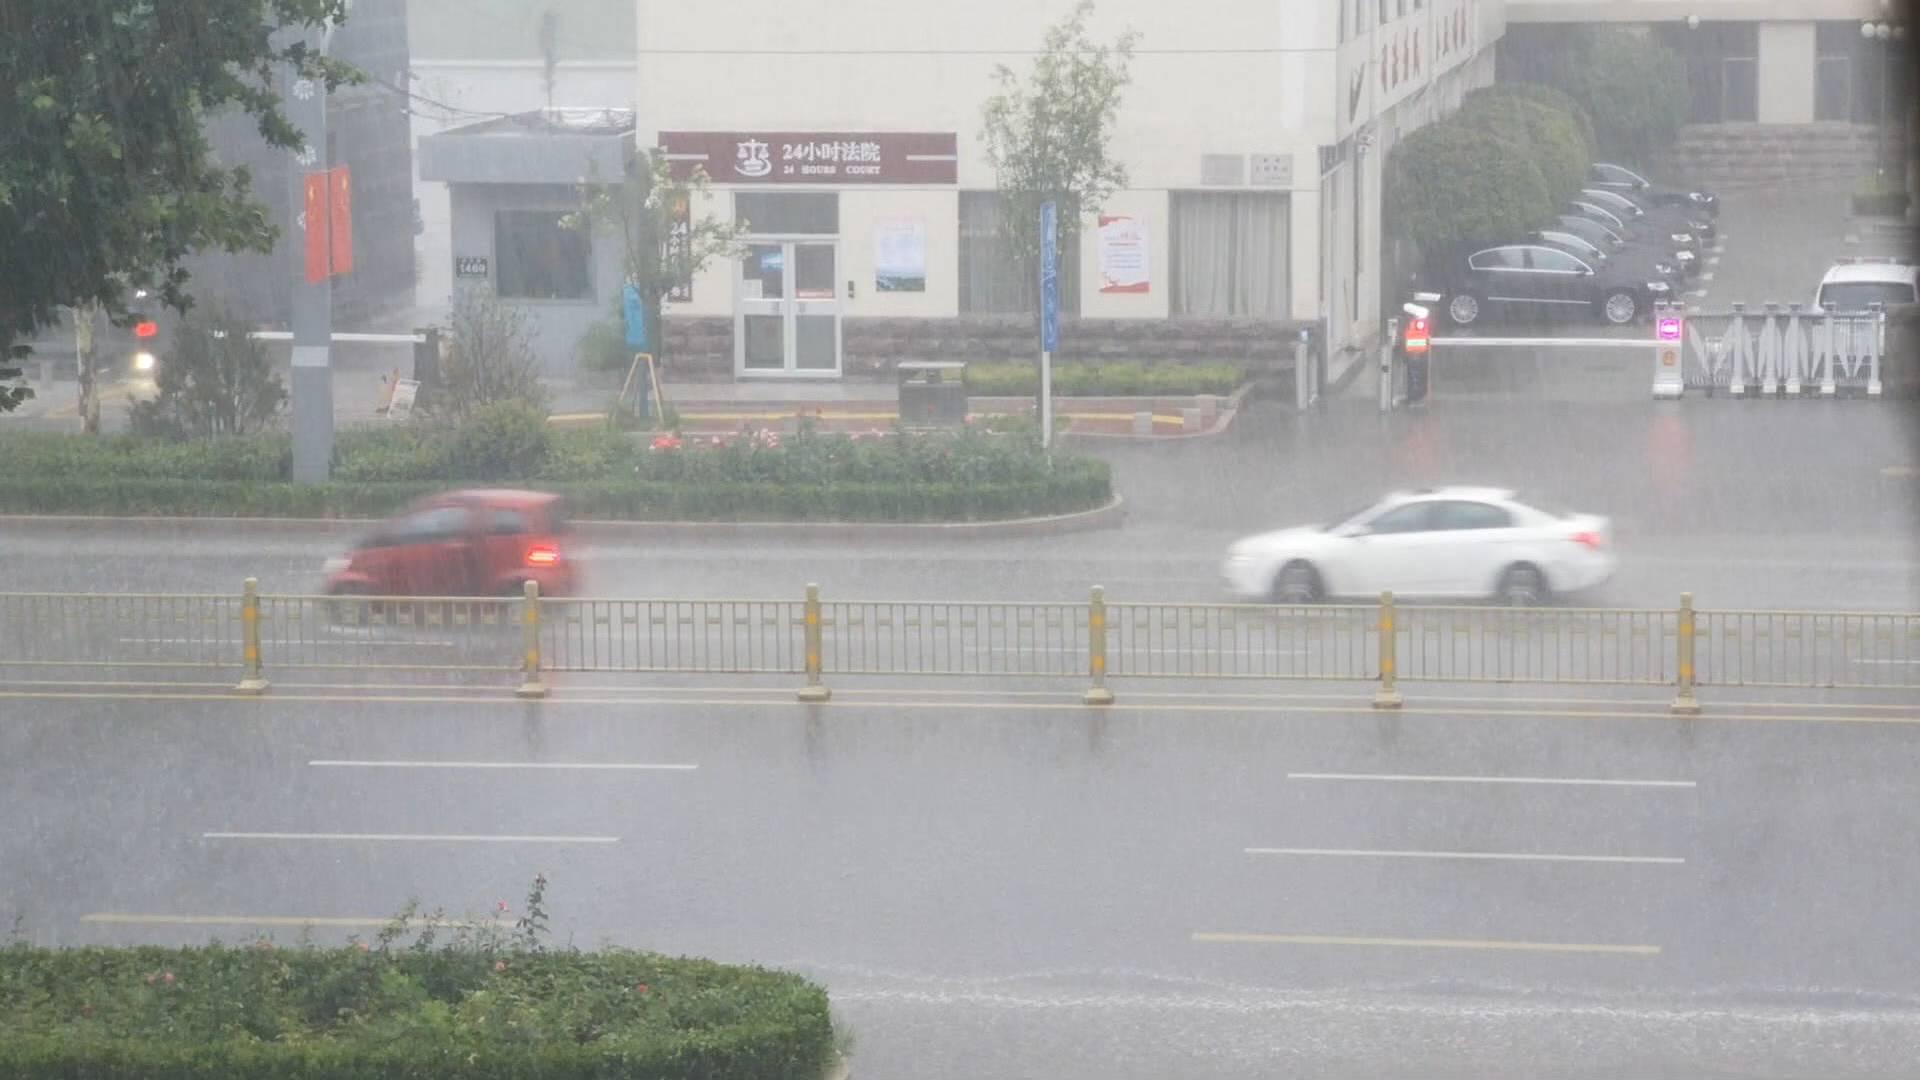 大范围降雨再来!济南 德州等7市今夜有小到中雨局部大雨,麦收将受影响